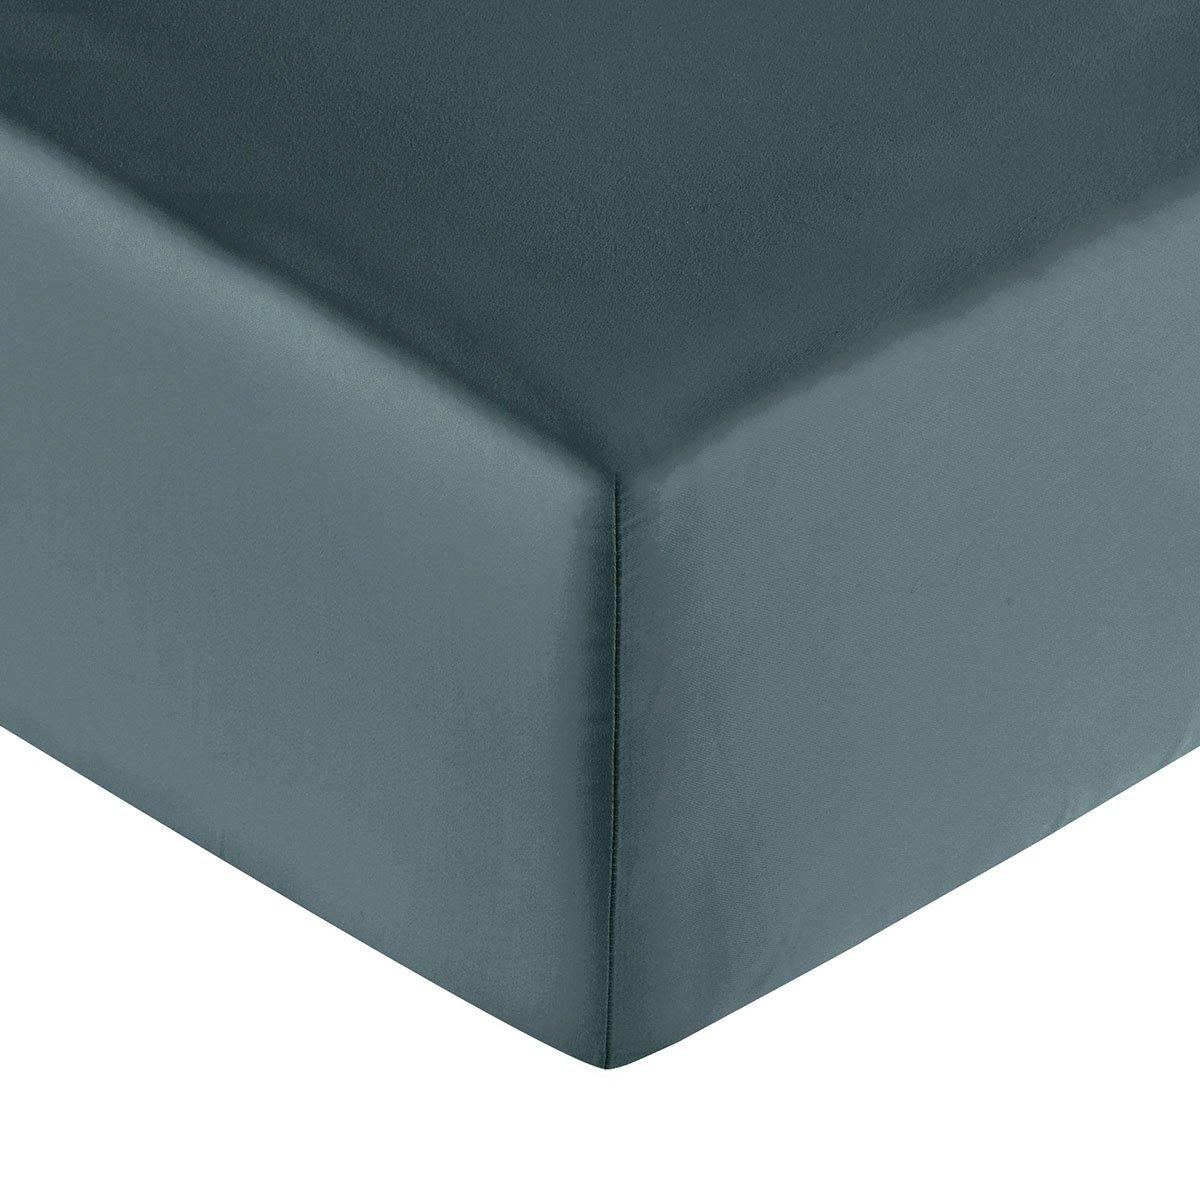 Drap housse coton 180x200 cm minéral